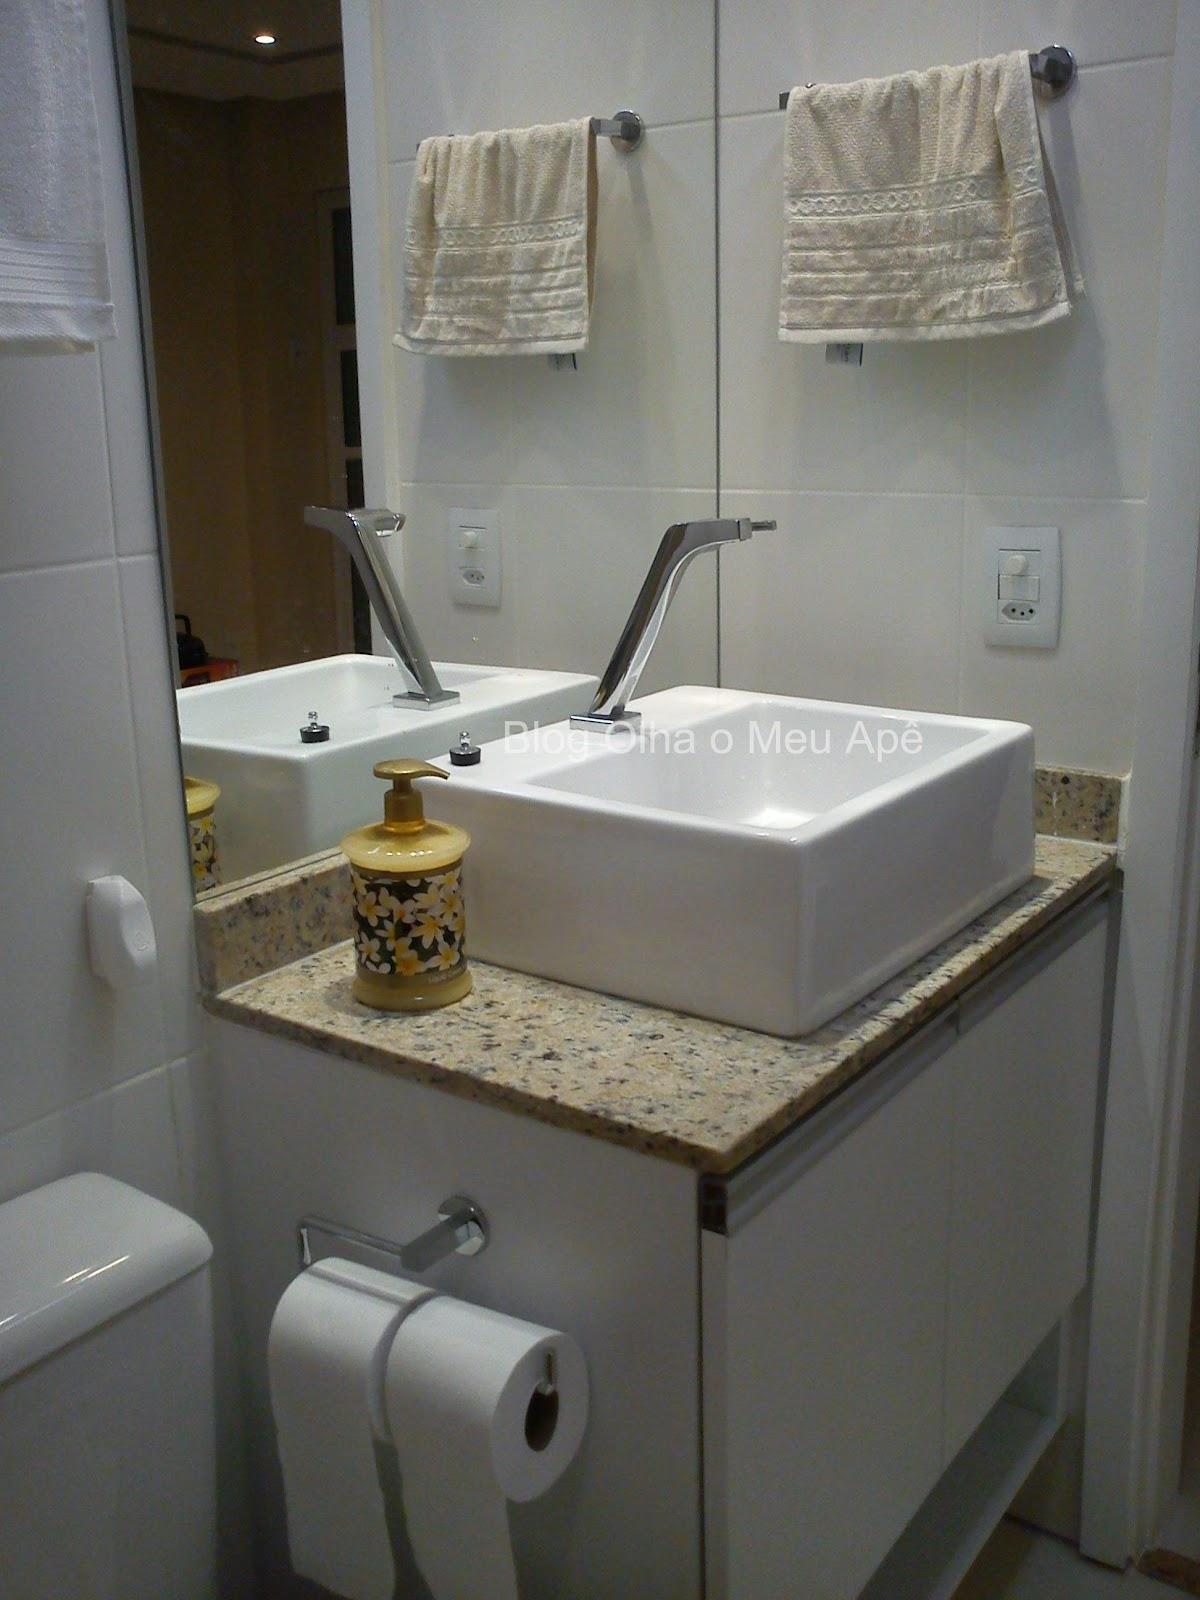 banheiro social ficou uma gracinha também: #797052 1200 1600